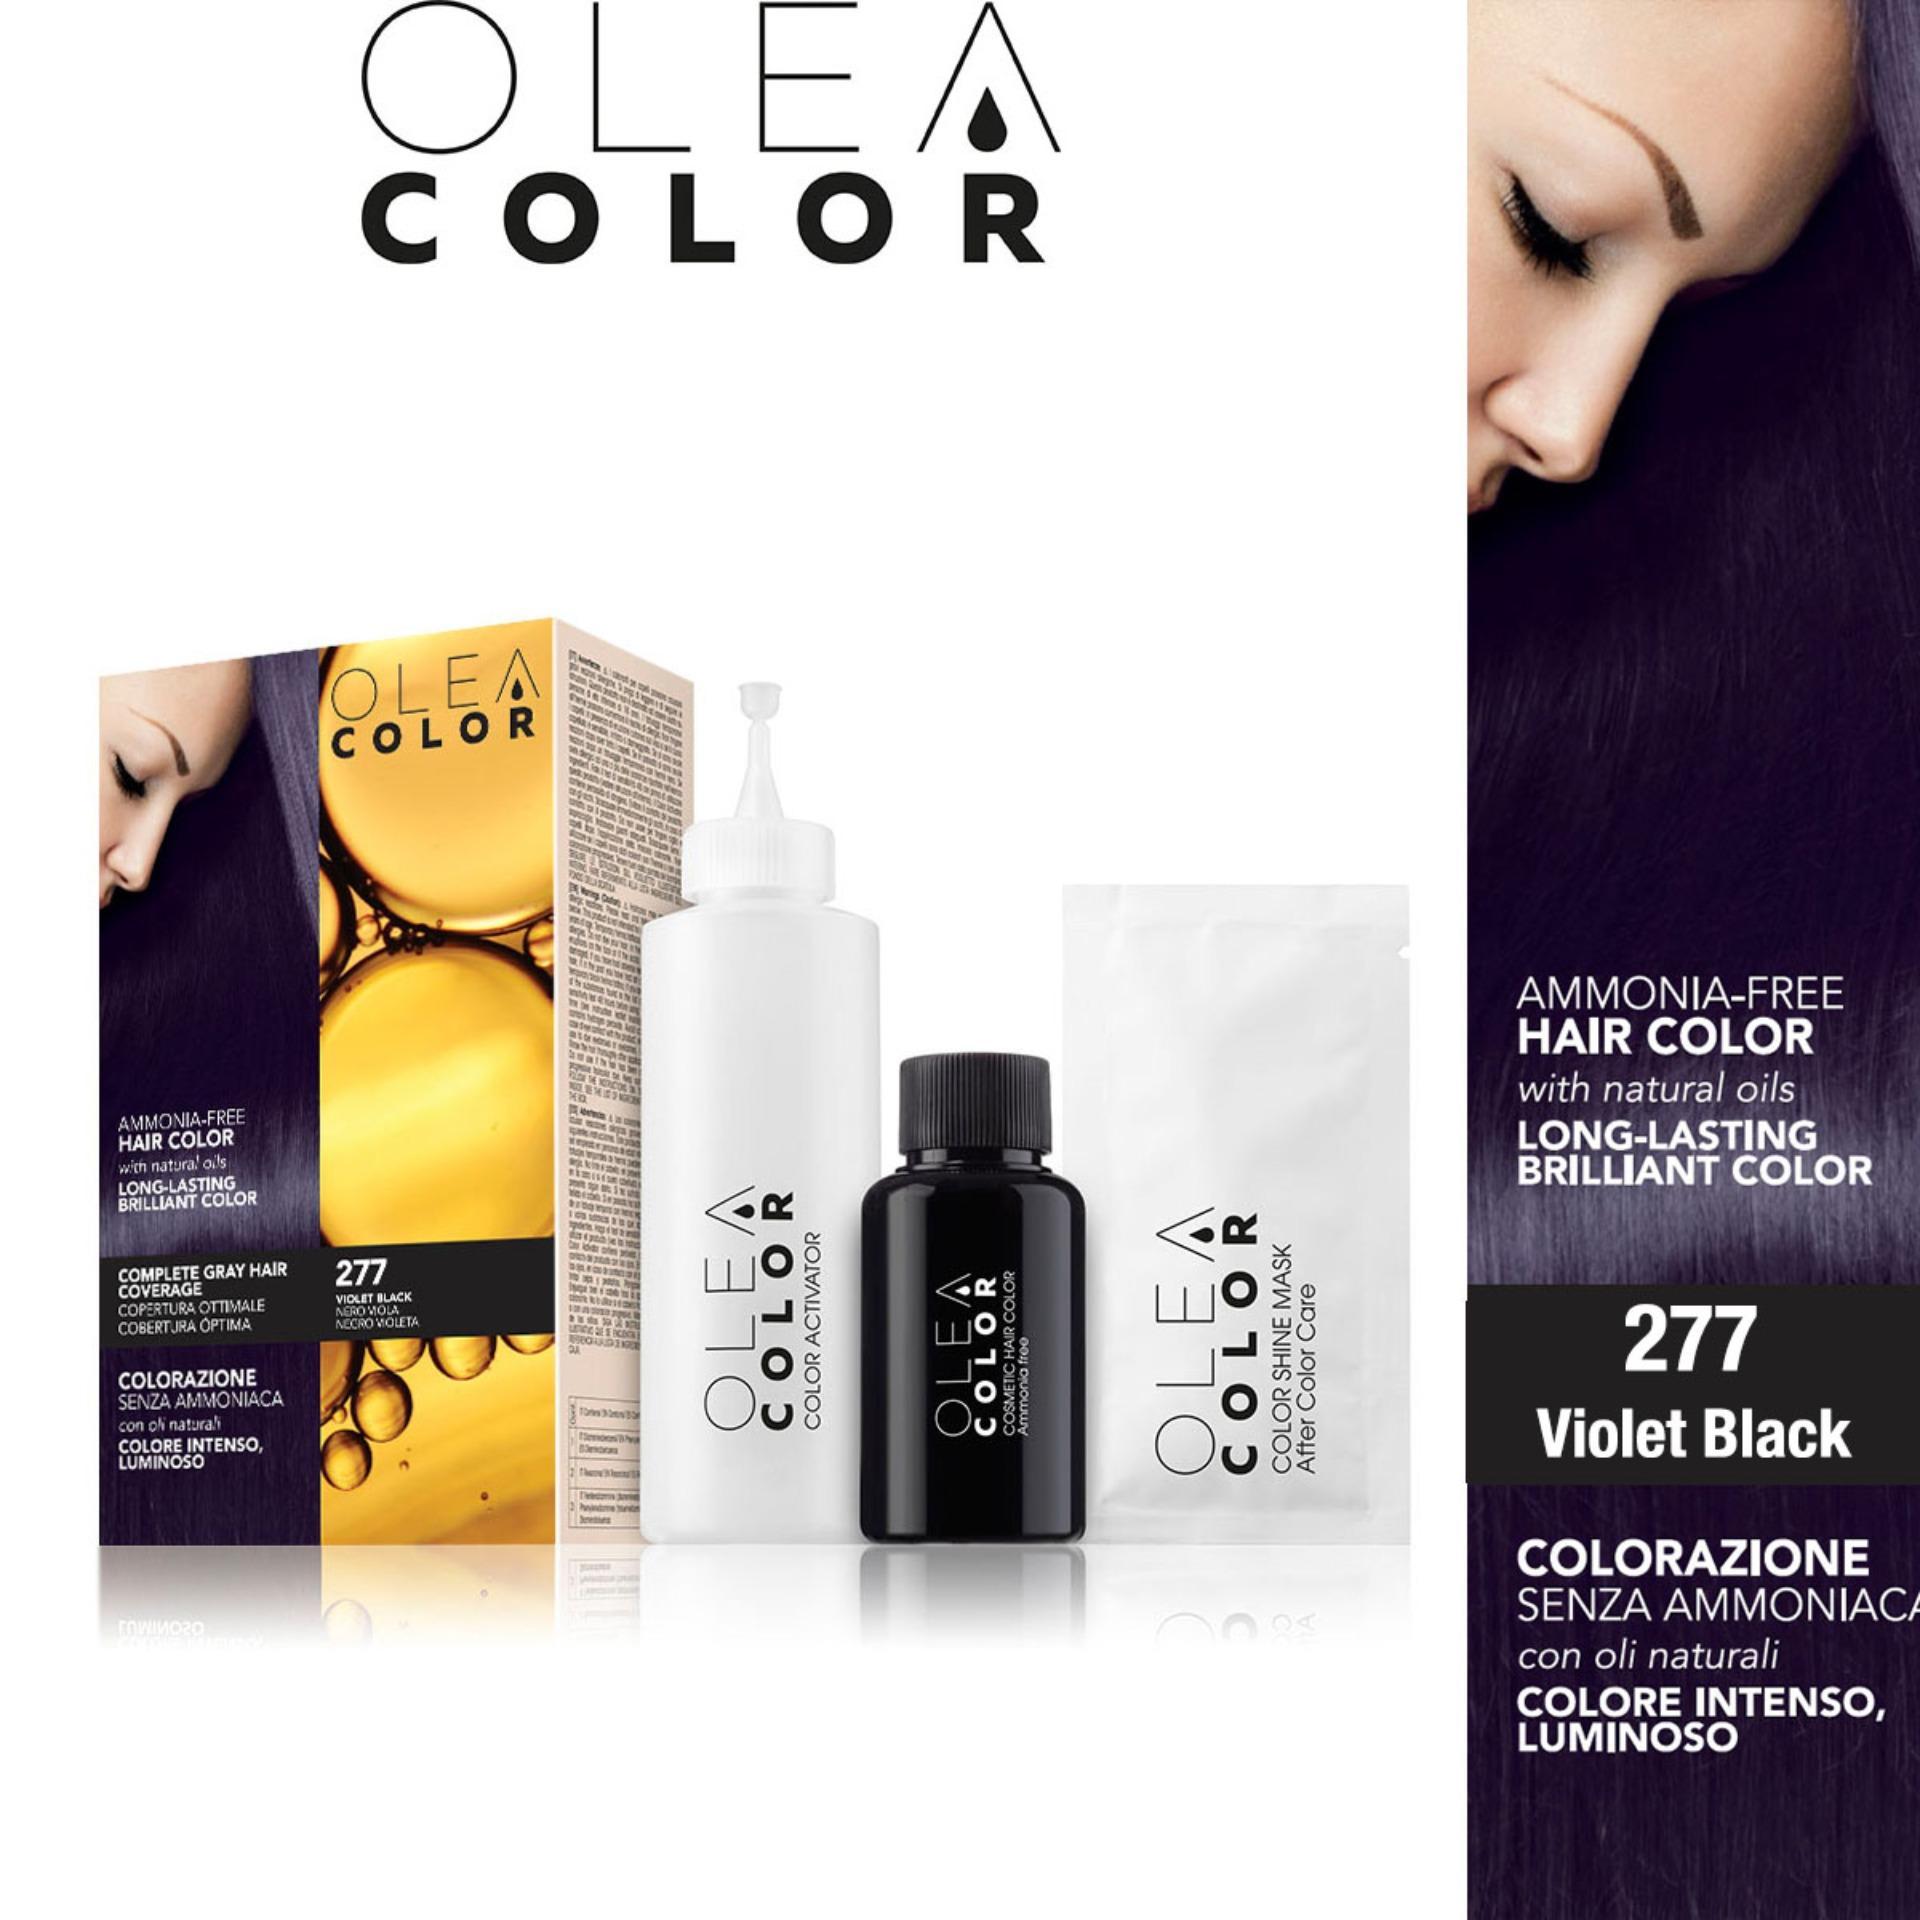 Kem nhuộm dưỡng tóc không Amoniac Olea Color ITALY màu 277 Violet Black